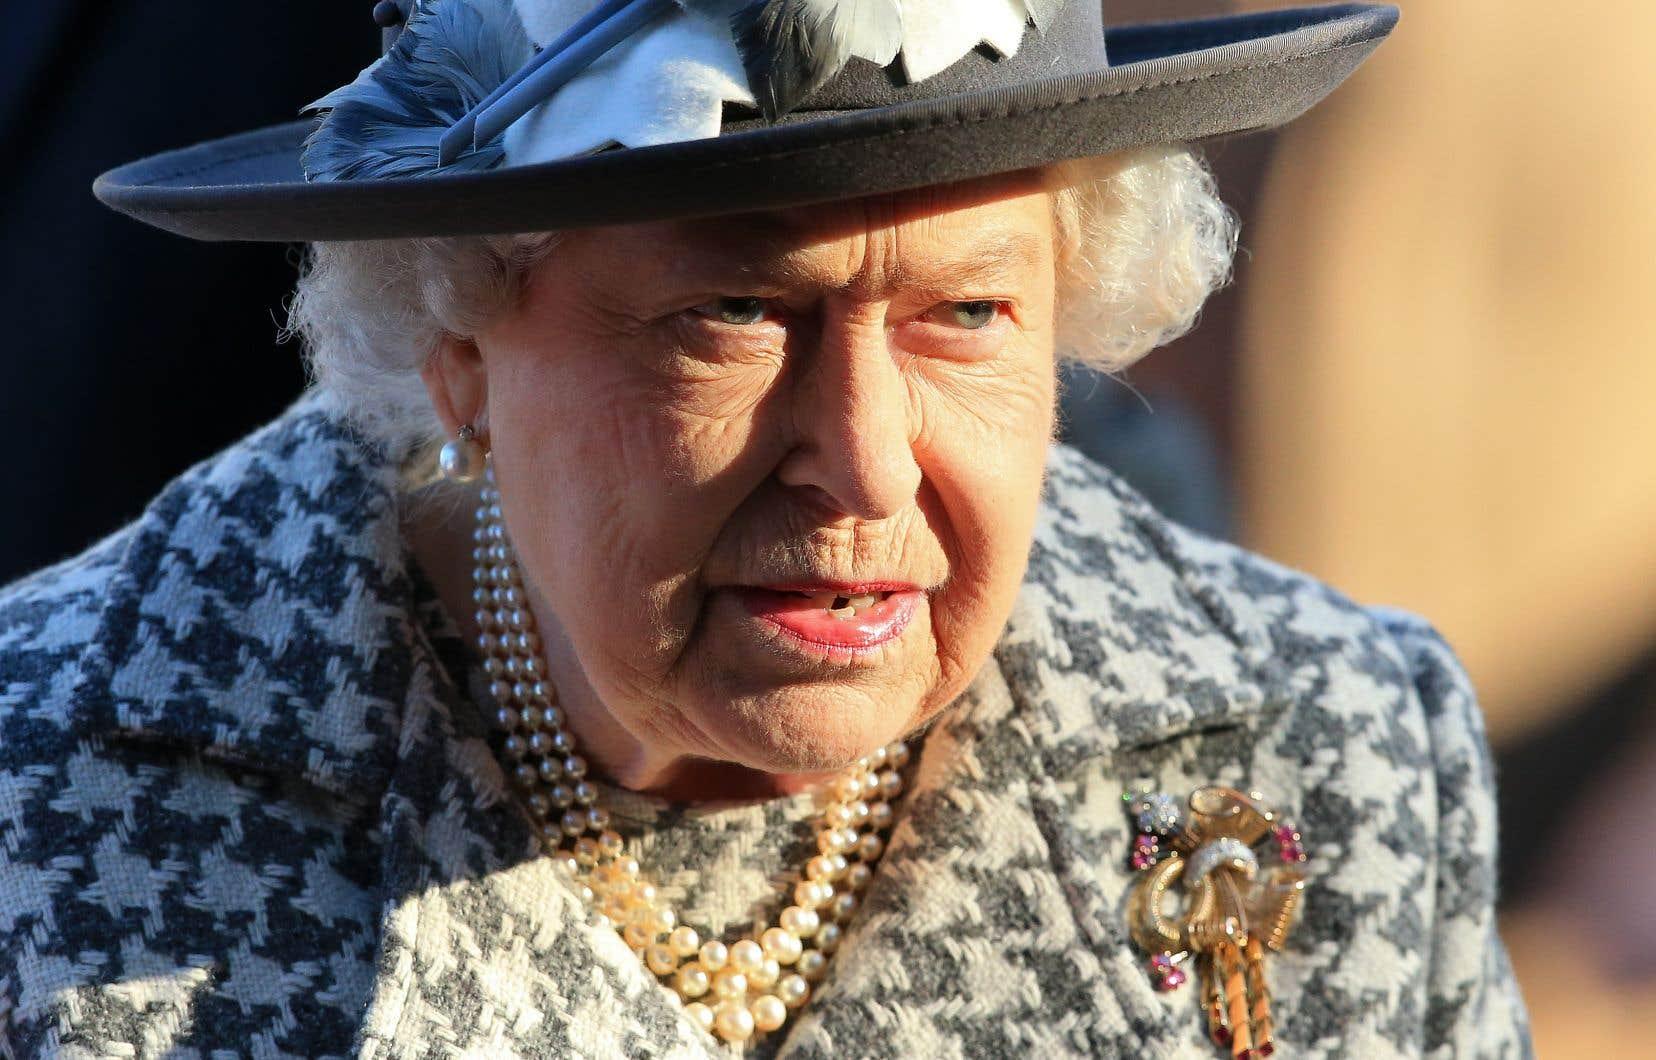 À huit jours du grand saut, Elizabeth II a donné son consentement royal au texte réglant les modalités de la rupture après 47ans d'un mariage tumultueux avec l'Union européenne.